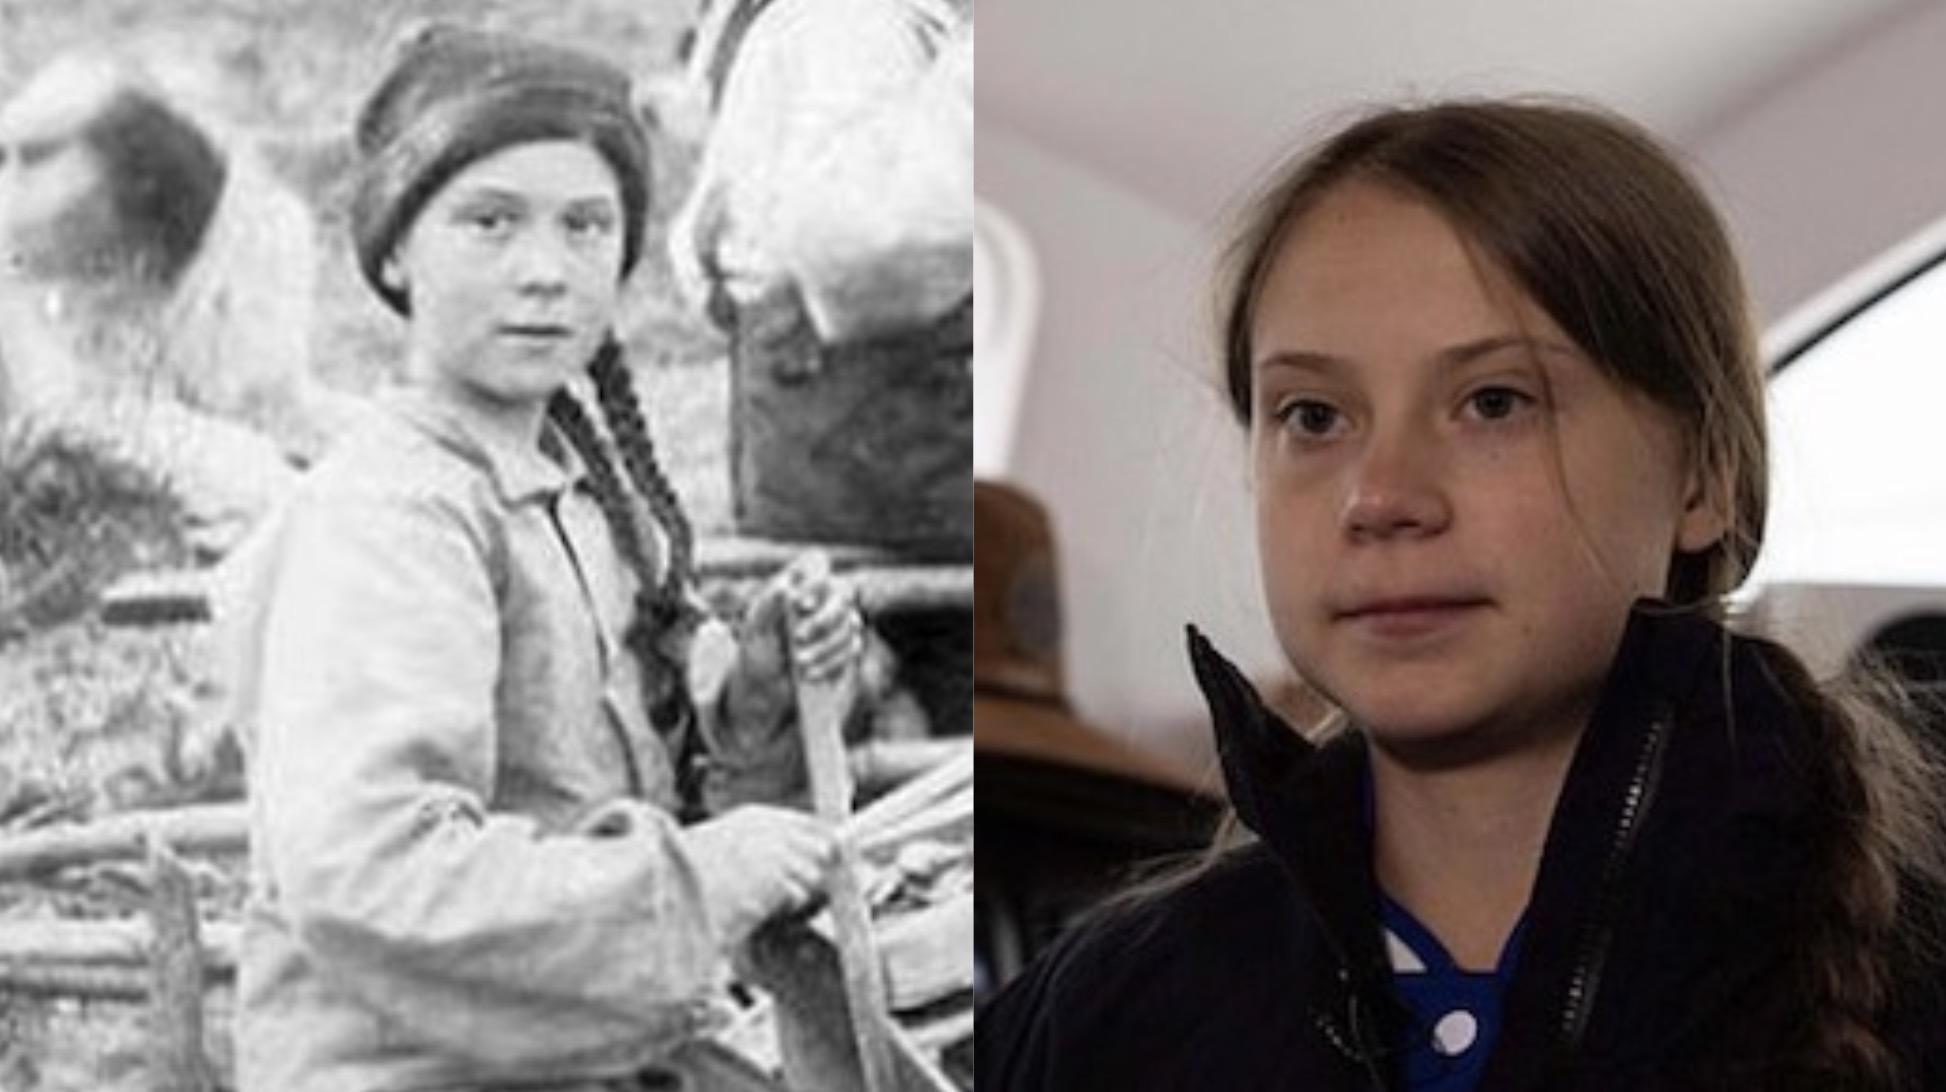 Cette photo donne naissance à une drôle de théorie sur Greta Thunberg